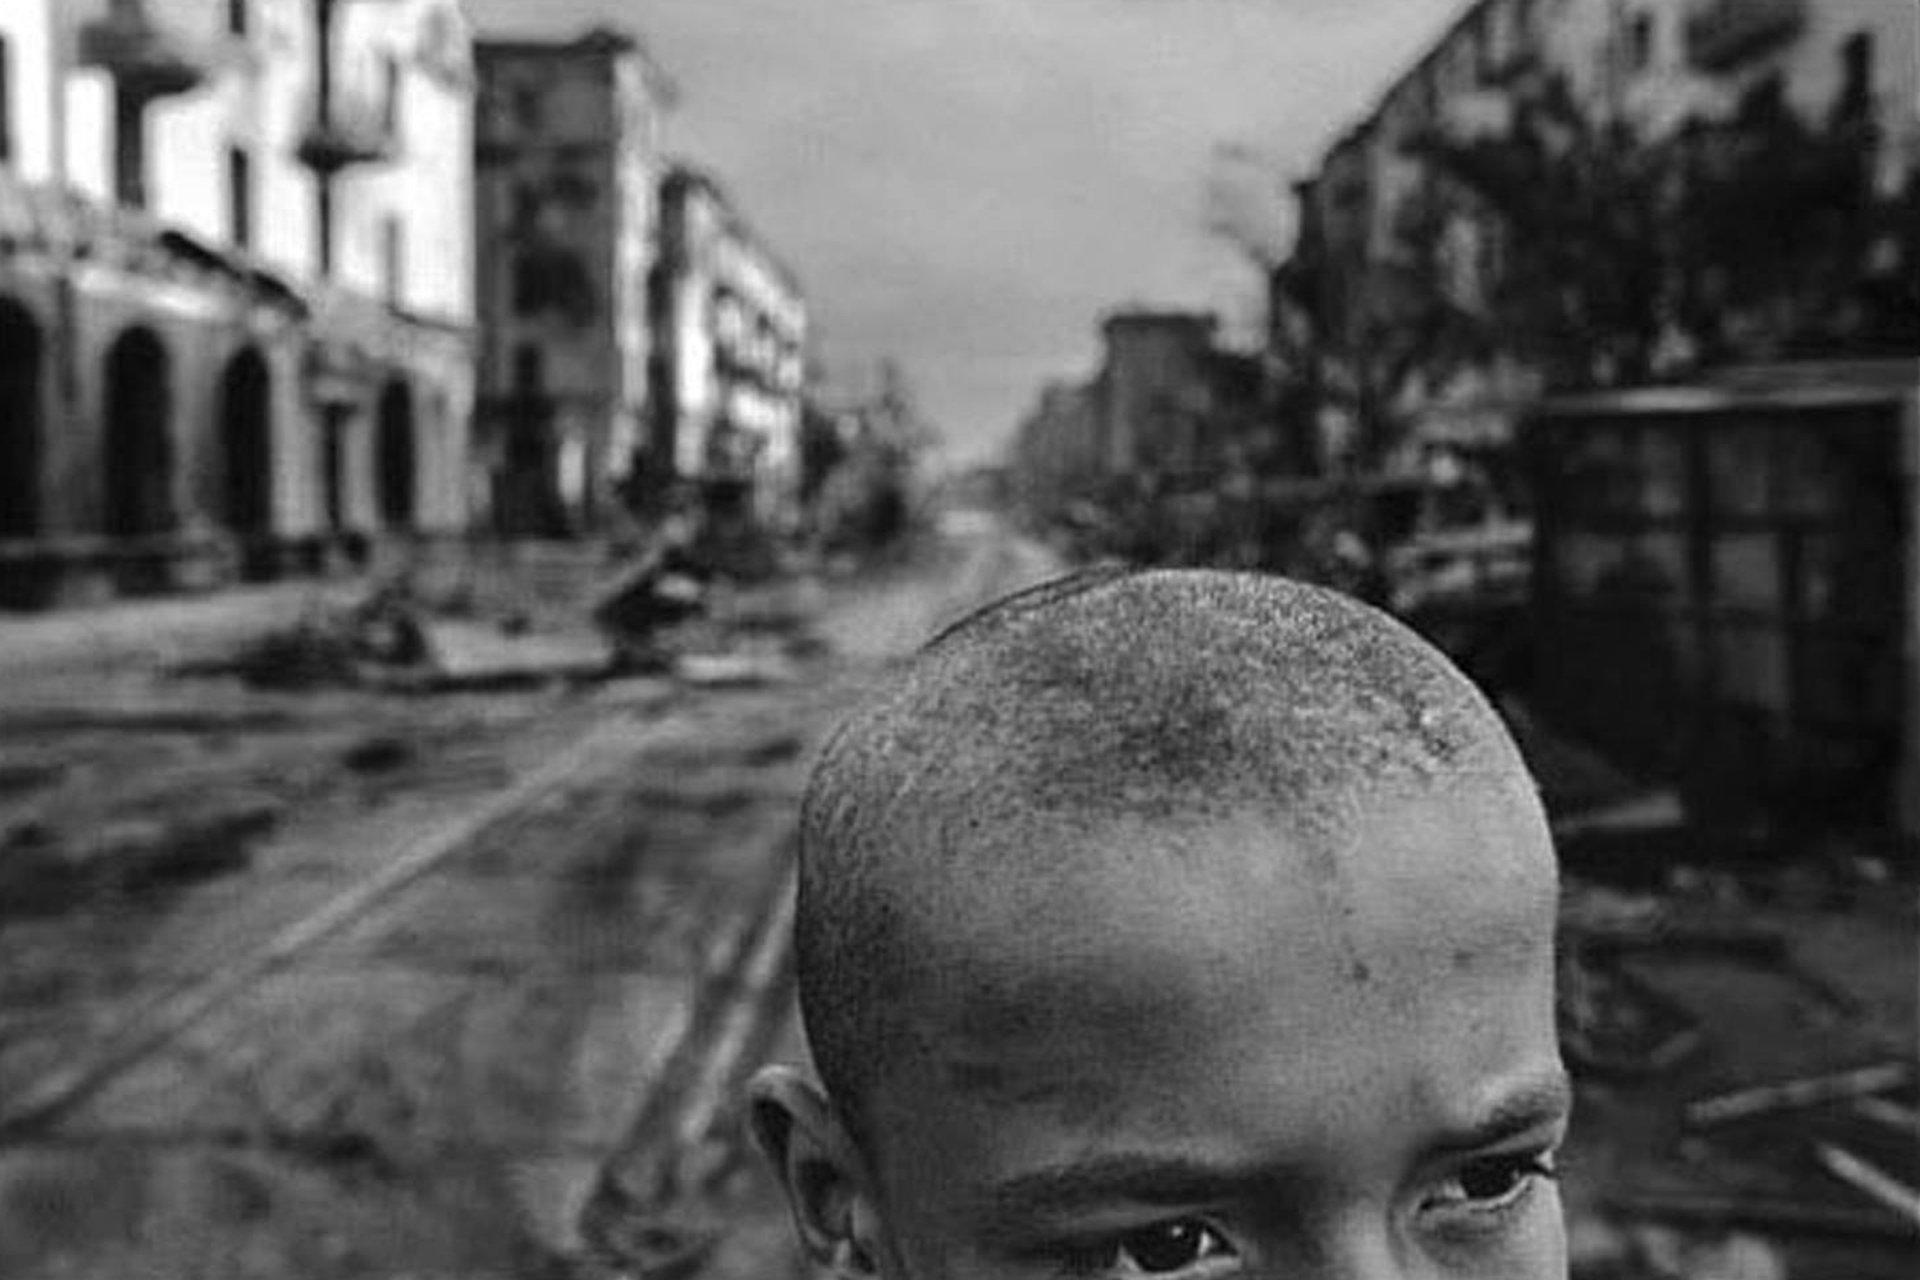 (Chechenia, 1996). Natchwey ha ganado dos veces el World Press Photo, en 1992 y 1994, y cinco veces la medalla de Oro Robert Capa